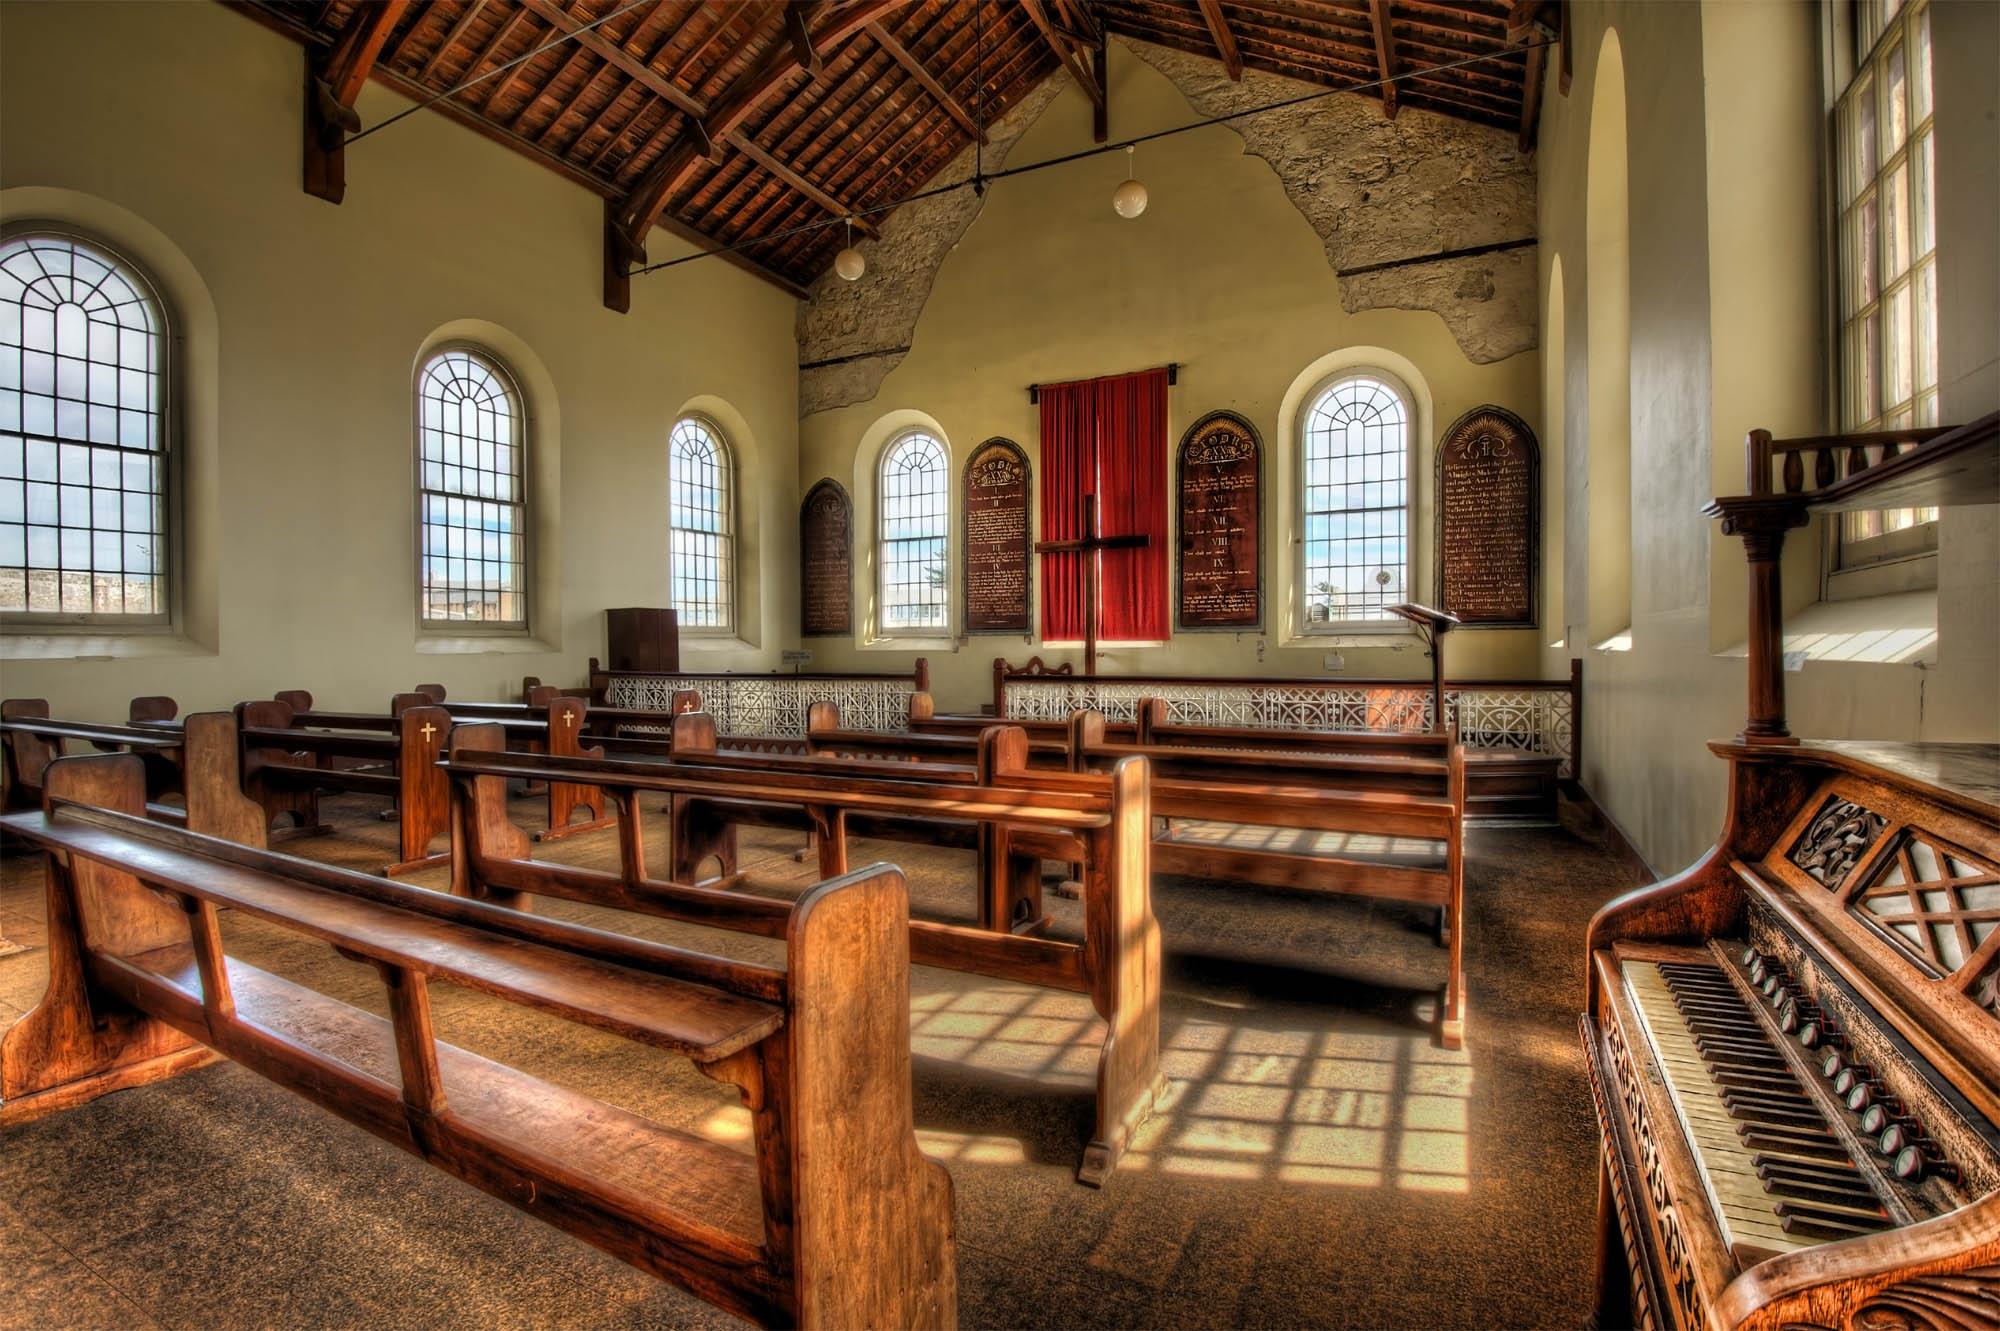 Fremantle Prison Church